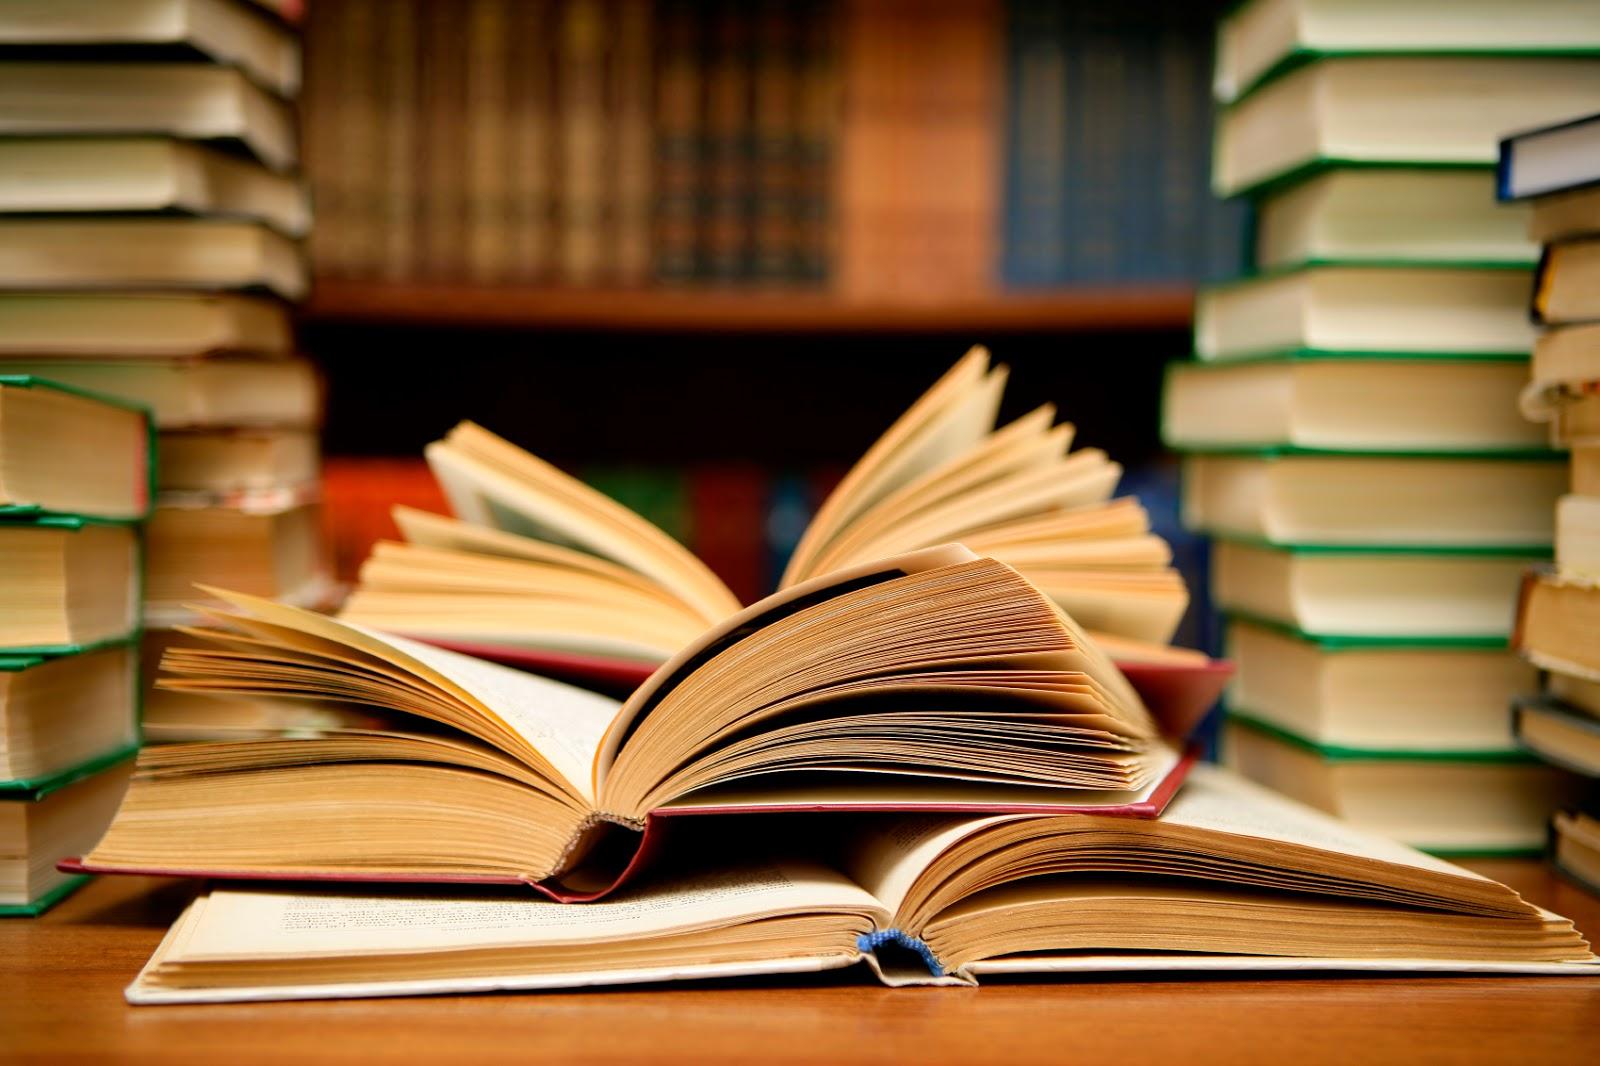 reader lives a thousand lives